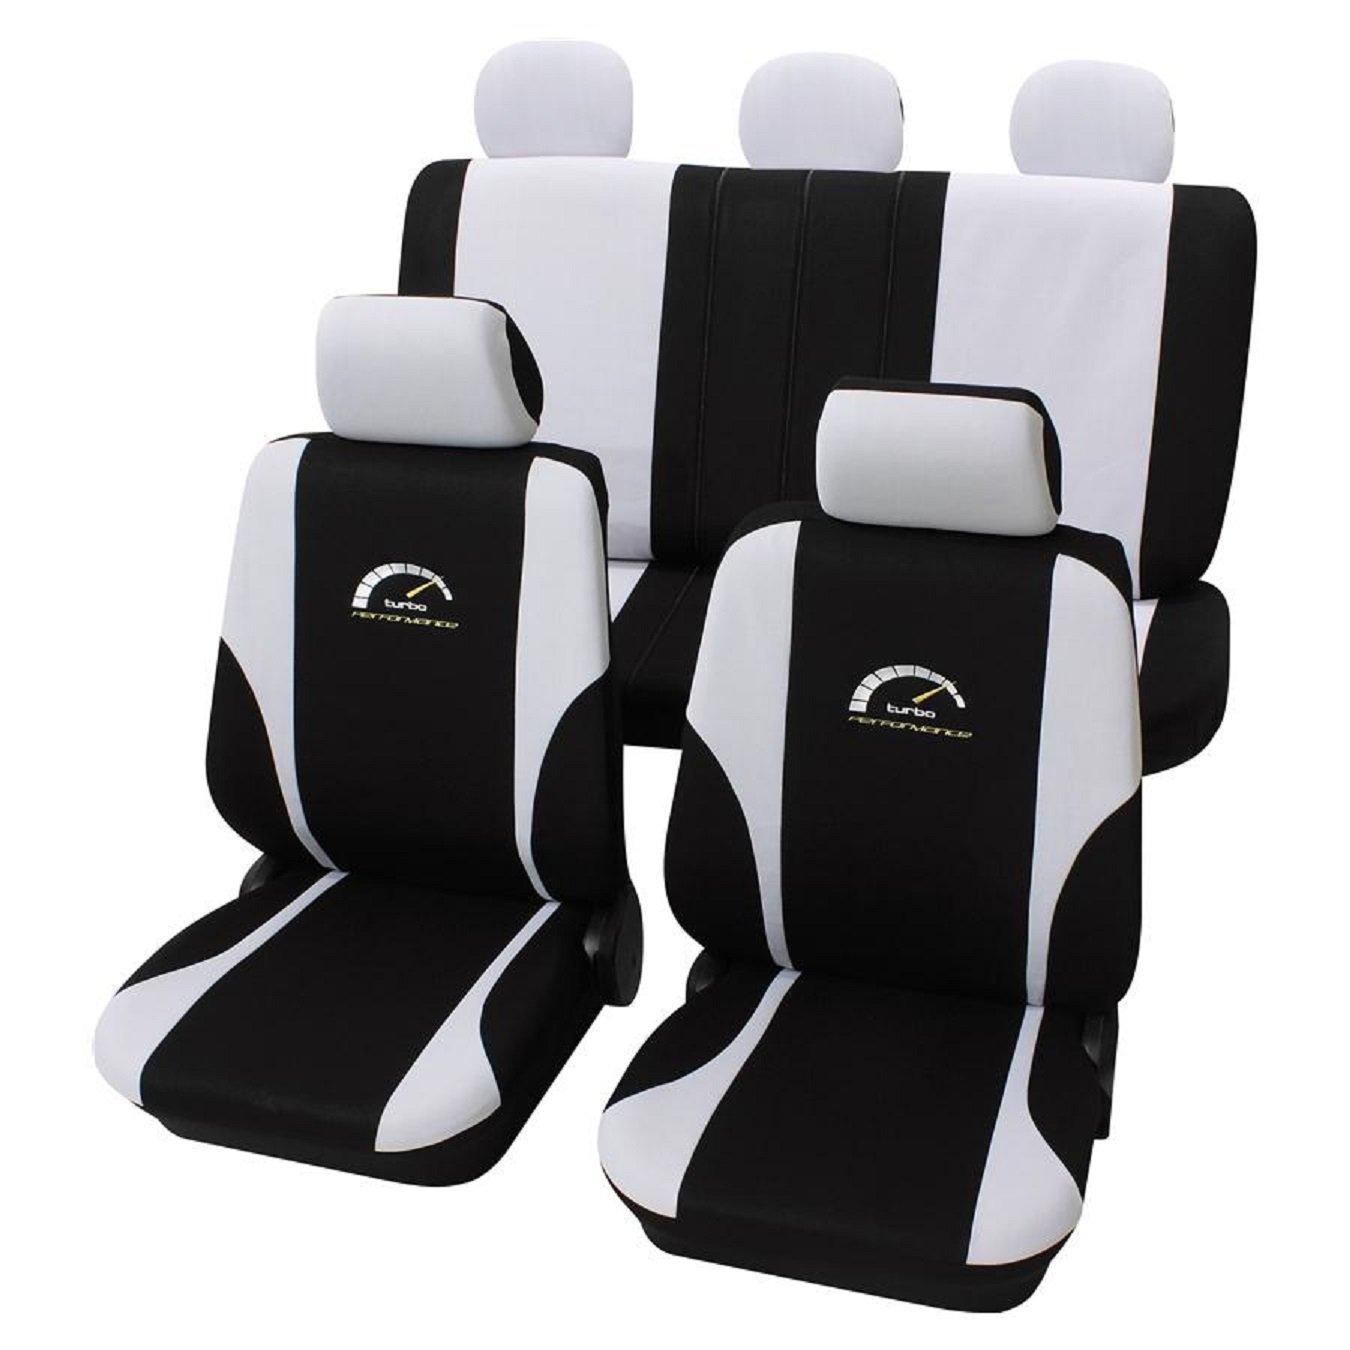 Amazon.es: Fundas de asiento Eco Class Turbo (11 piezas), color negro y blanco